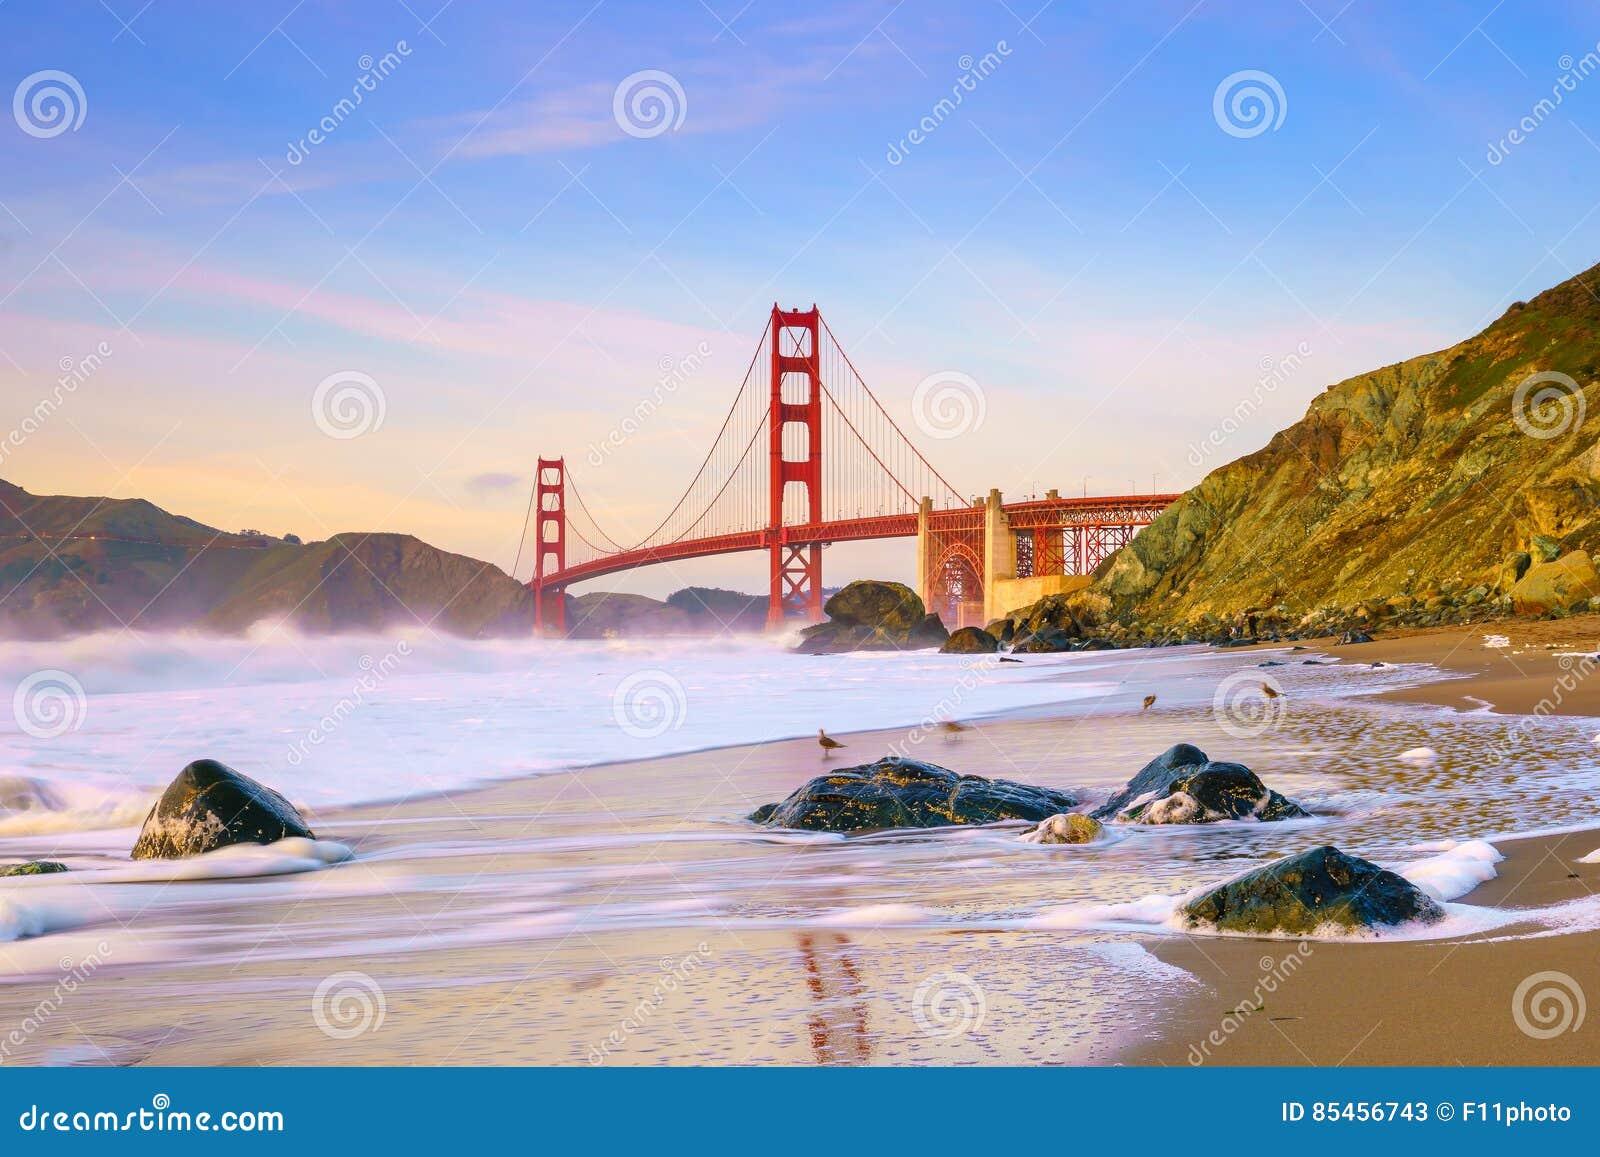 桥梁加利福尼亚弗朗西斯科门金黄圣